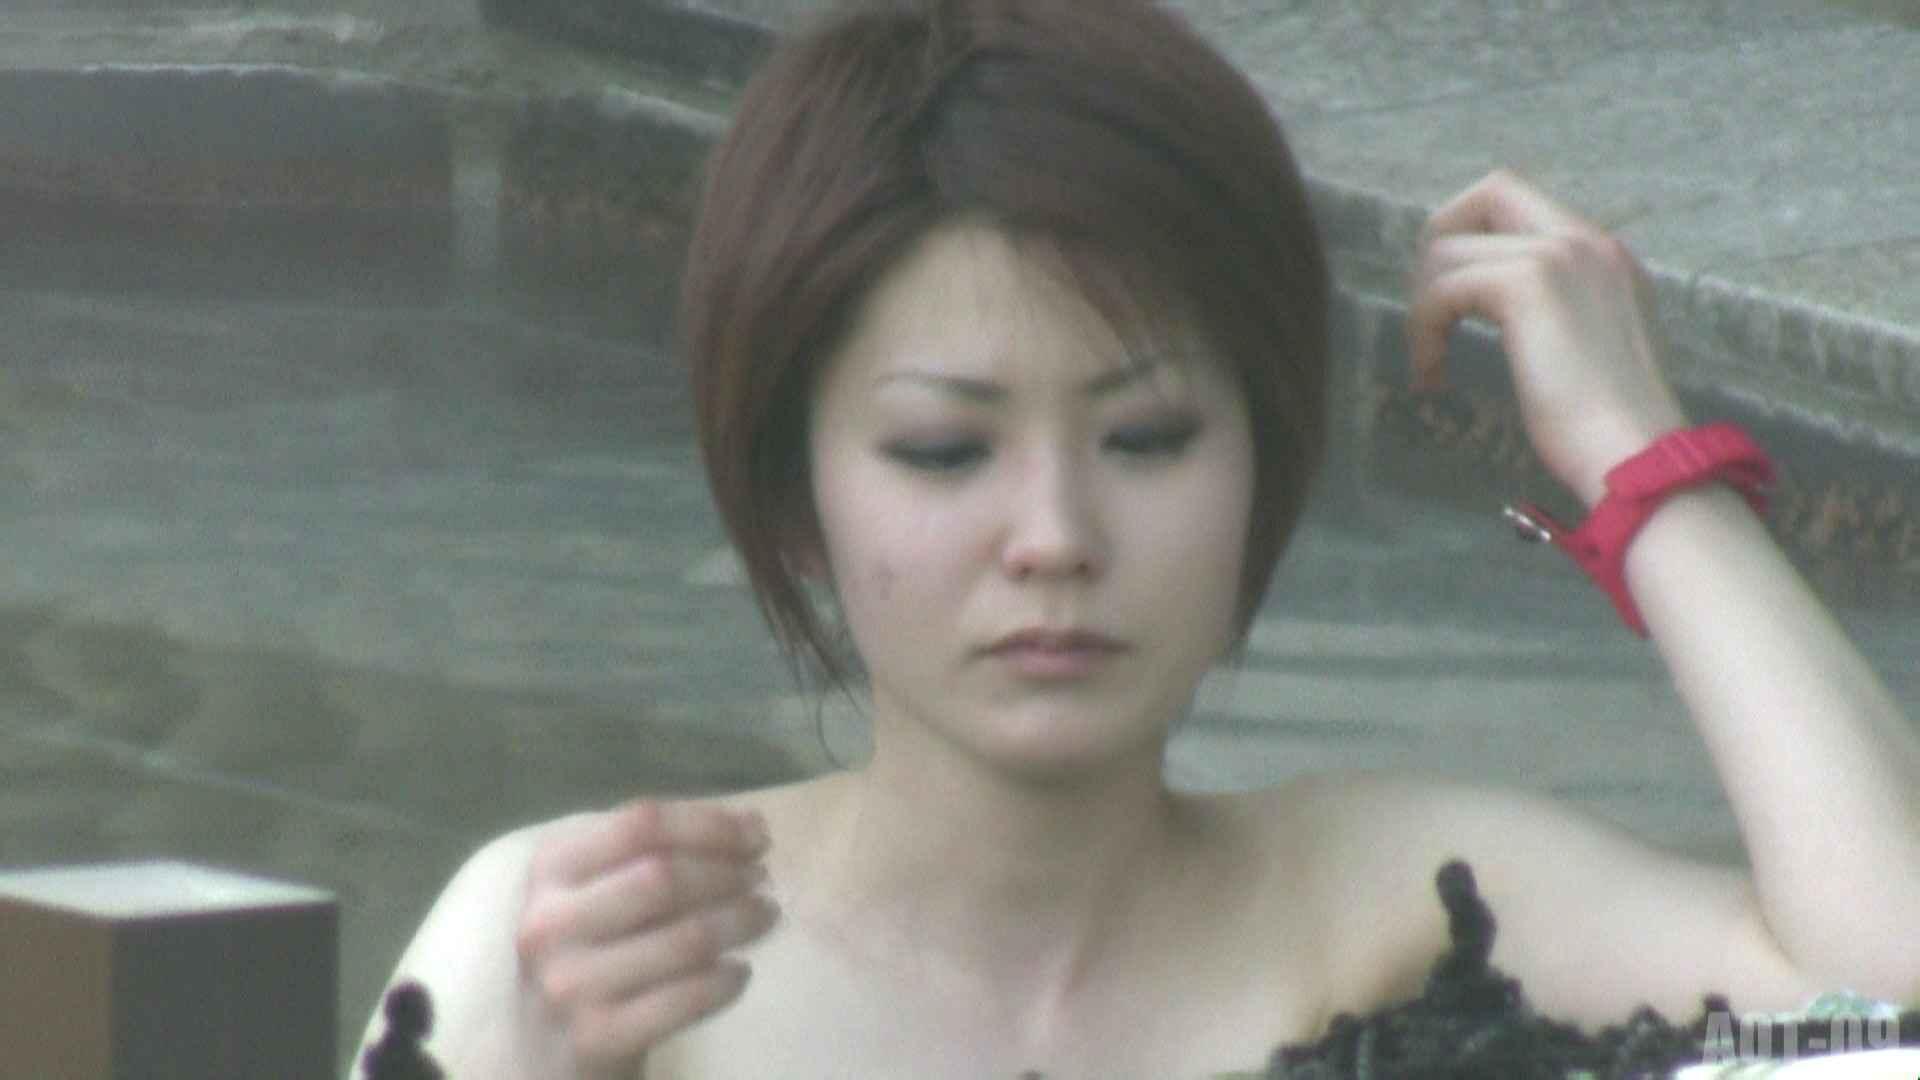 Aquaな露天風呂Vol.779 盗撮  107画像 6